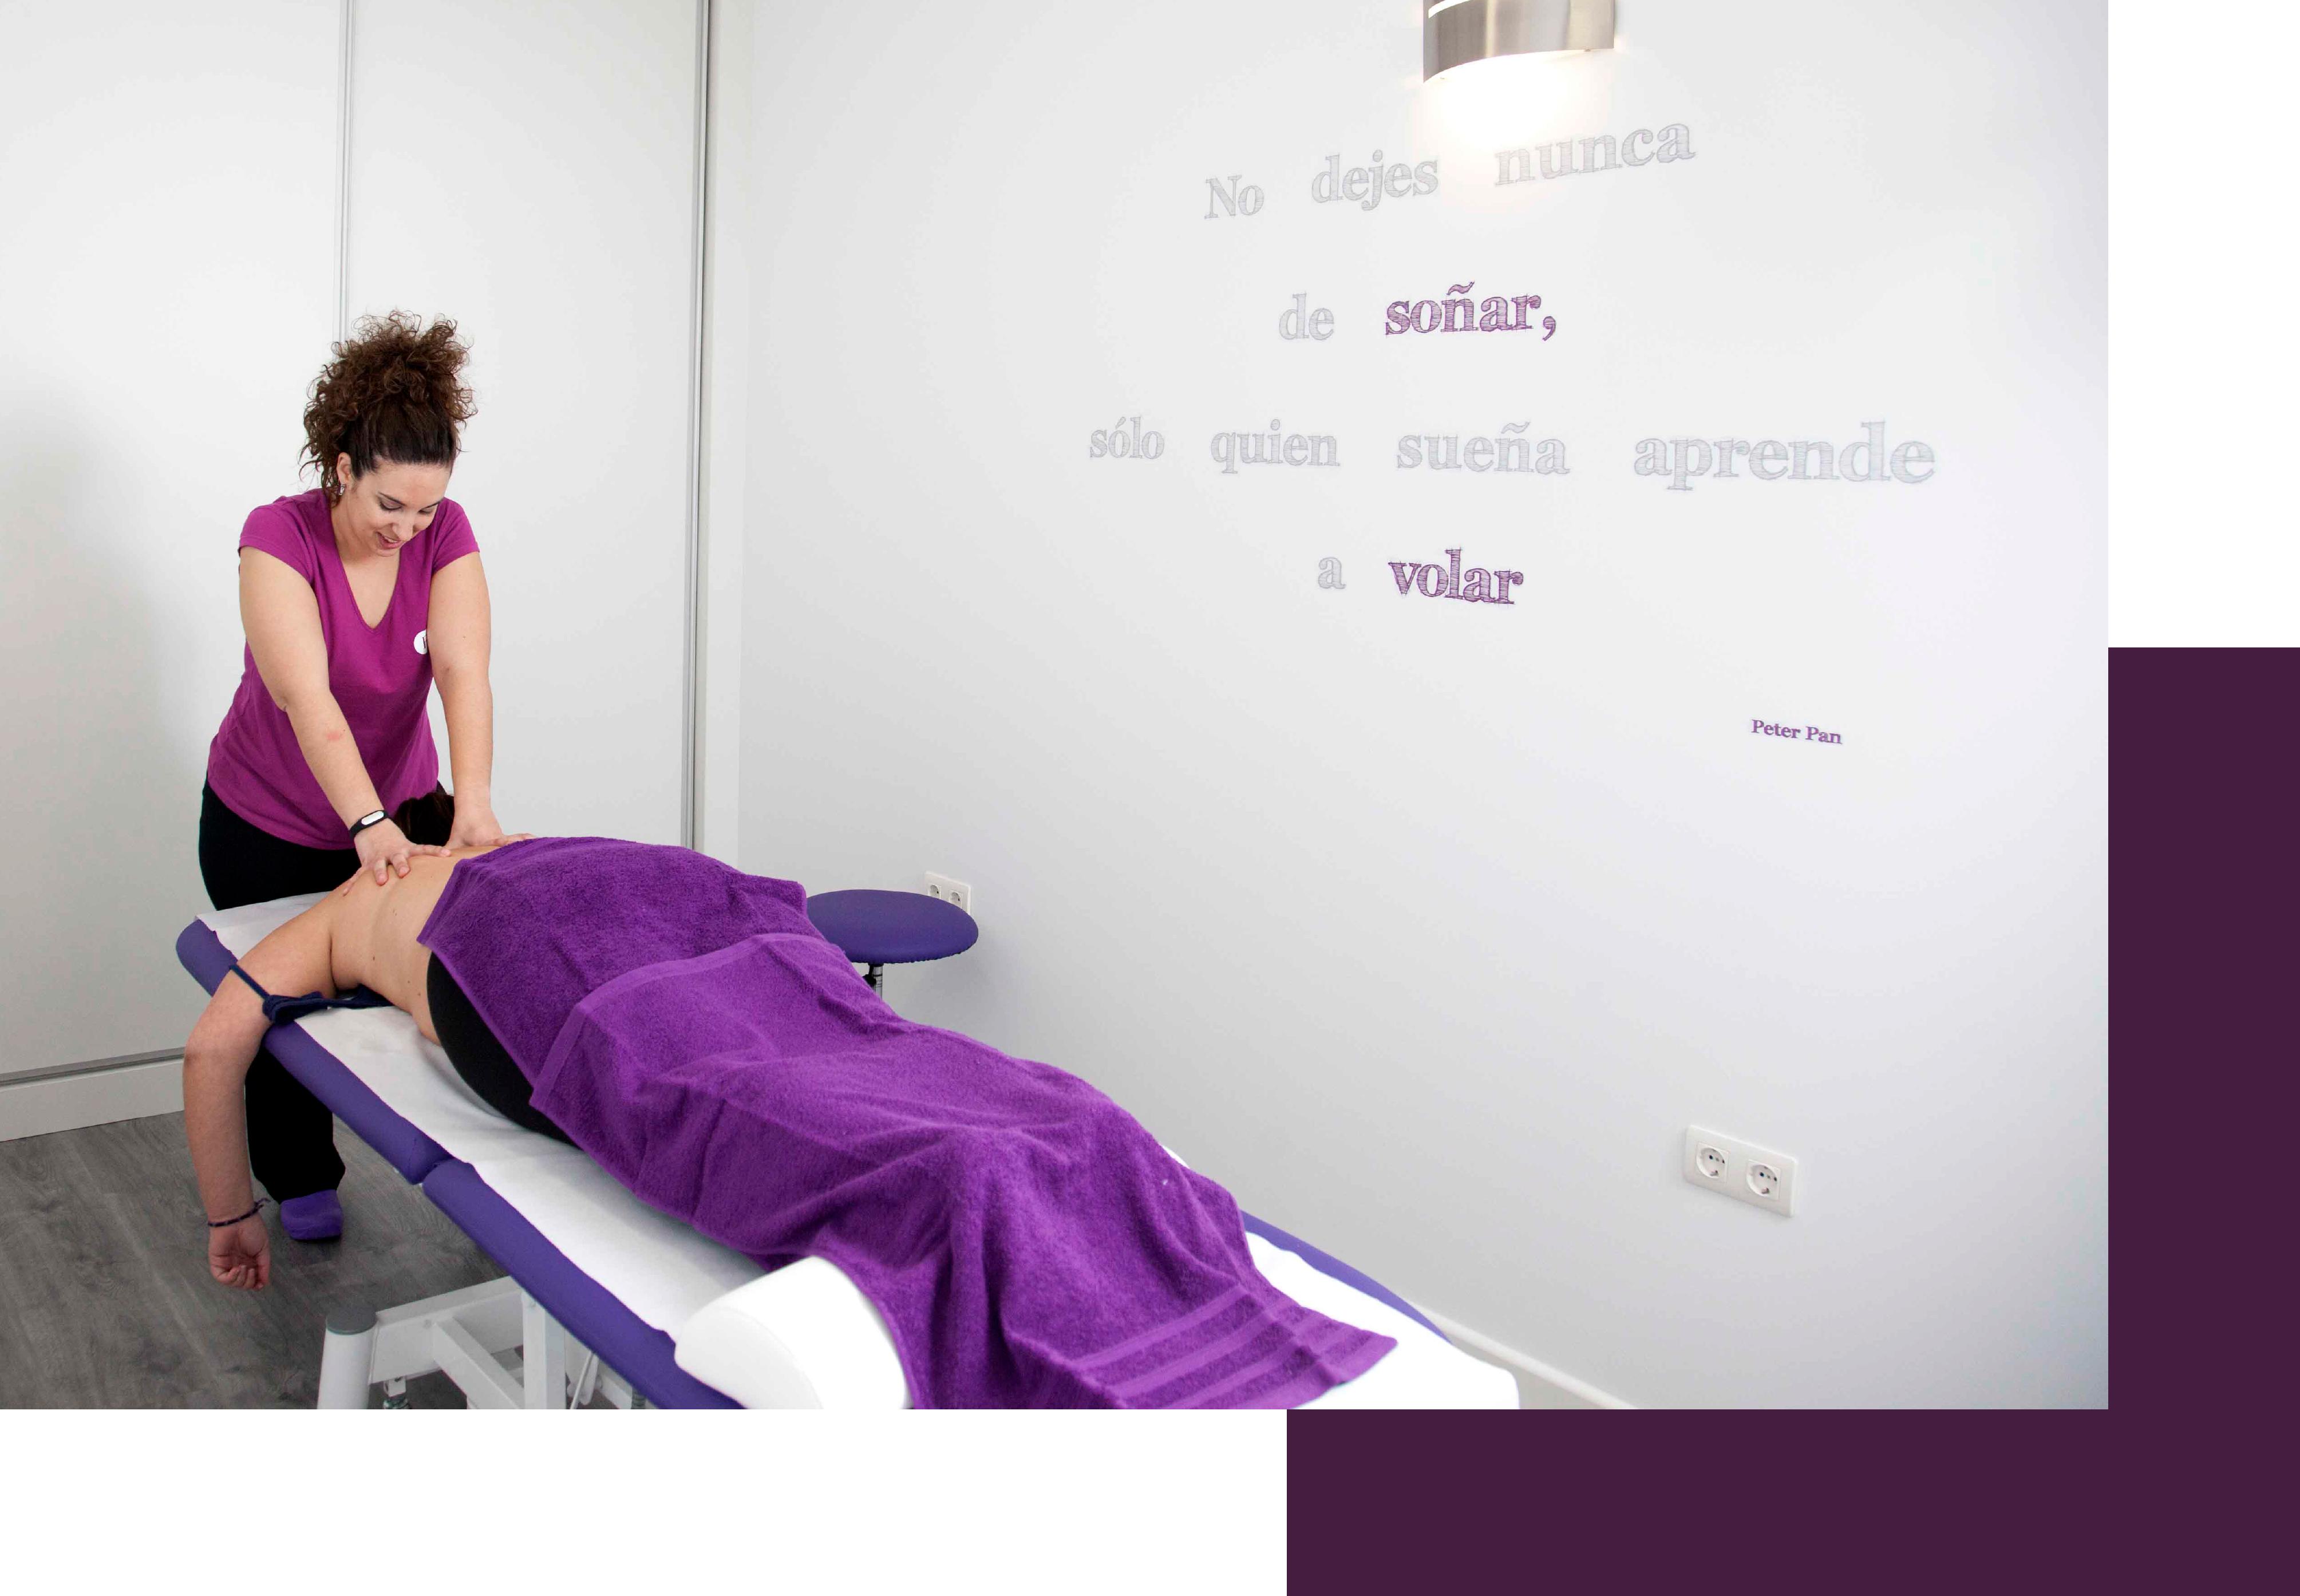 Servicio de fisioterapia y osteopatía general y especialidades en clínica Felicidad Rodríguez